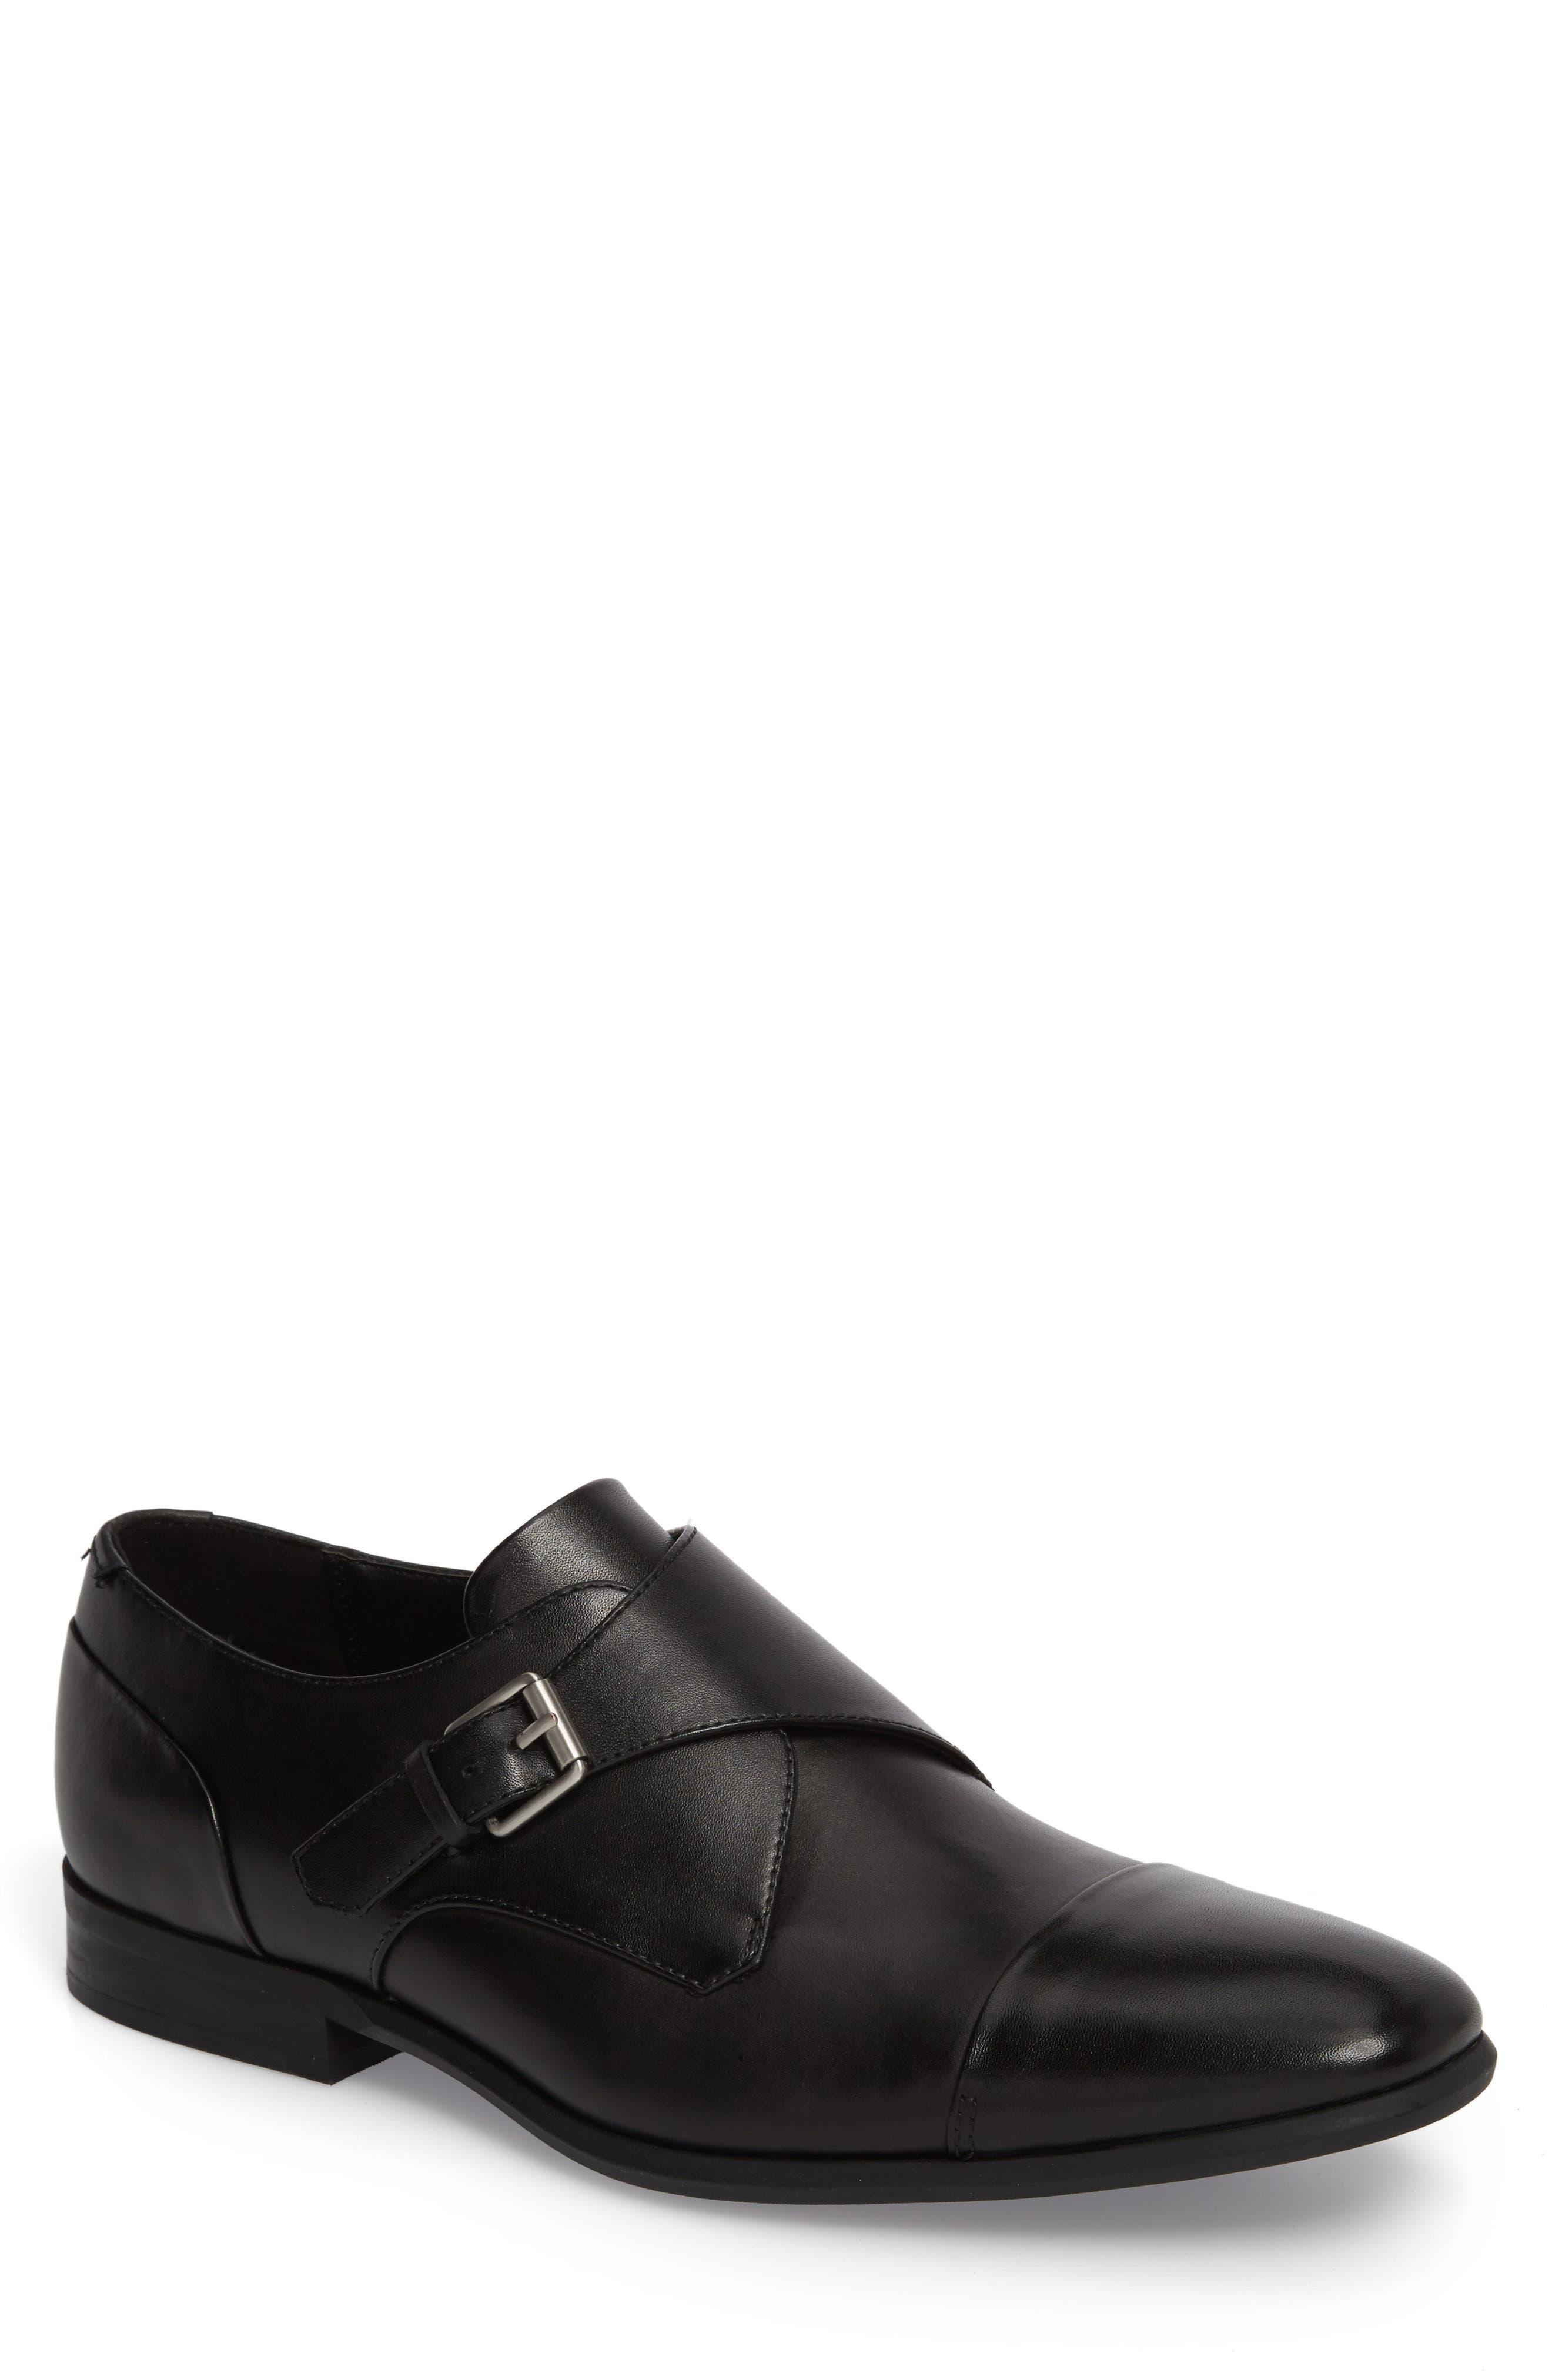 Lucus Monk Strap Shoe,                             Main thumbnail 1, color,                             Black Leather